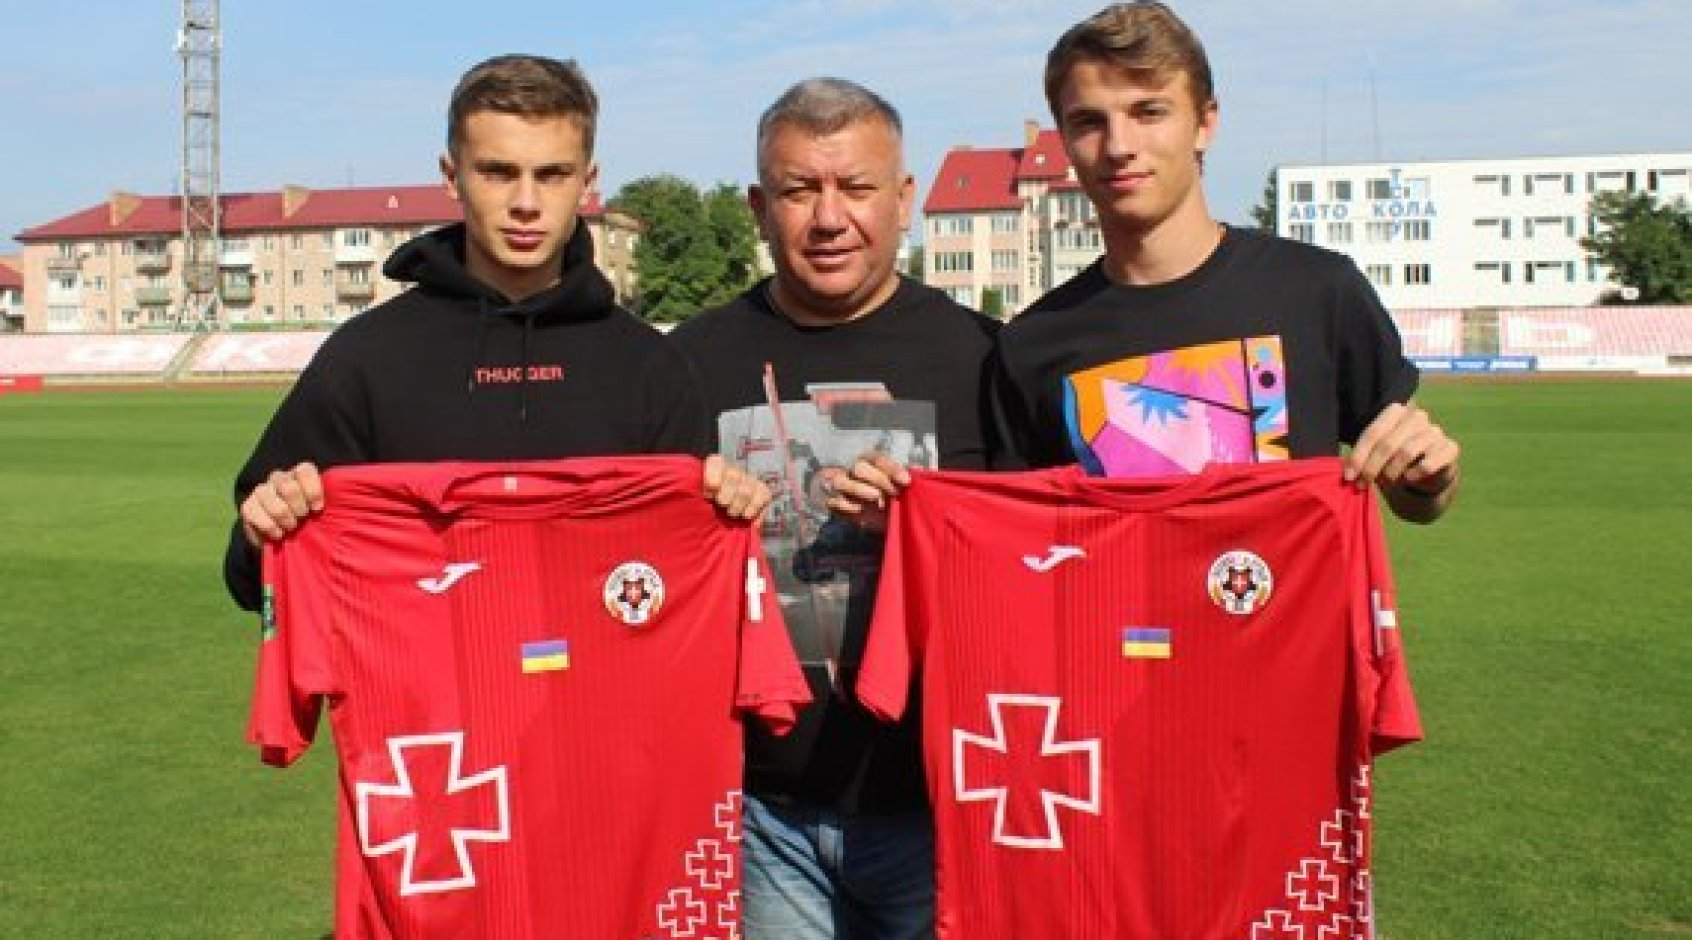 """Офіційно: """"Волинь"""" підписала екс-гравців """"Маріуполя"""" Мурзу та Головкіна"""